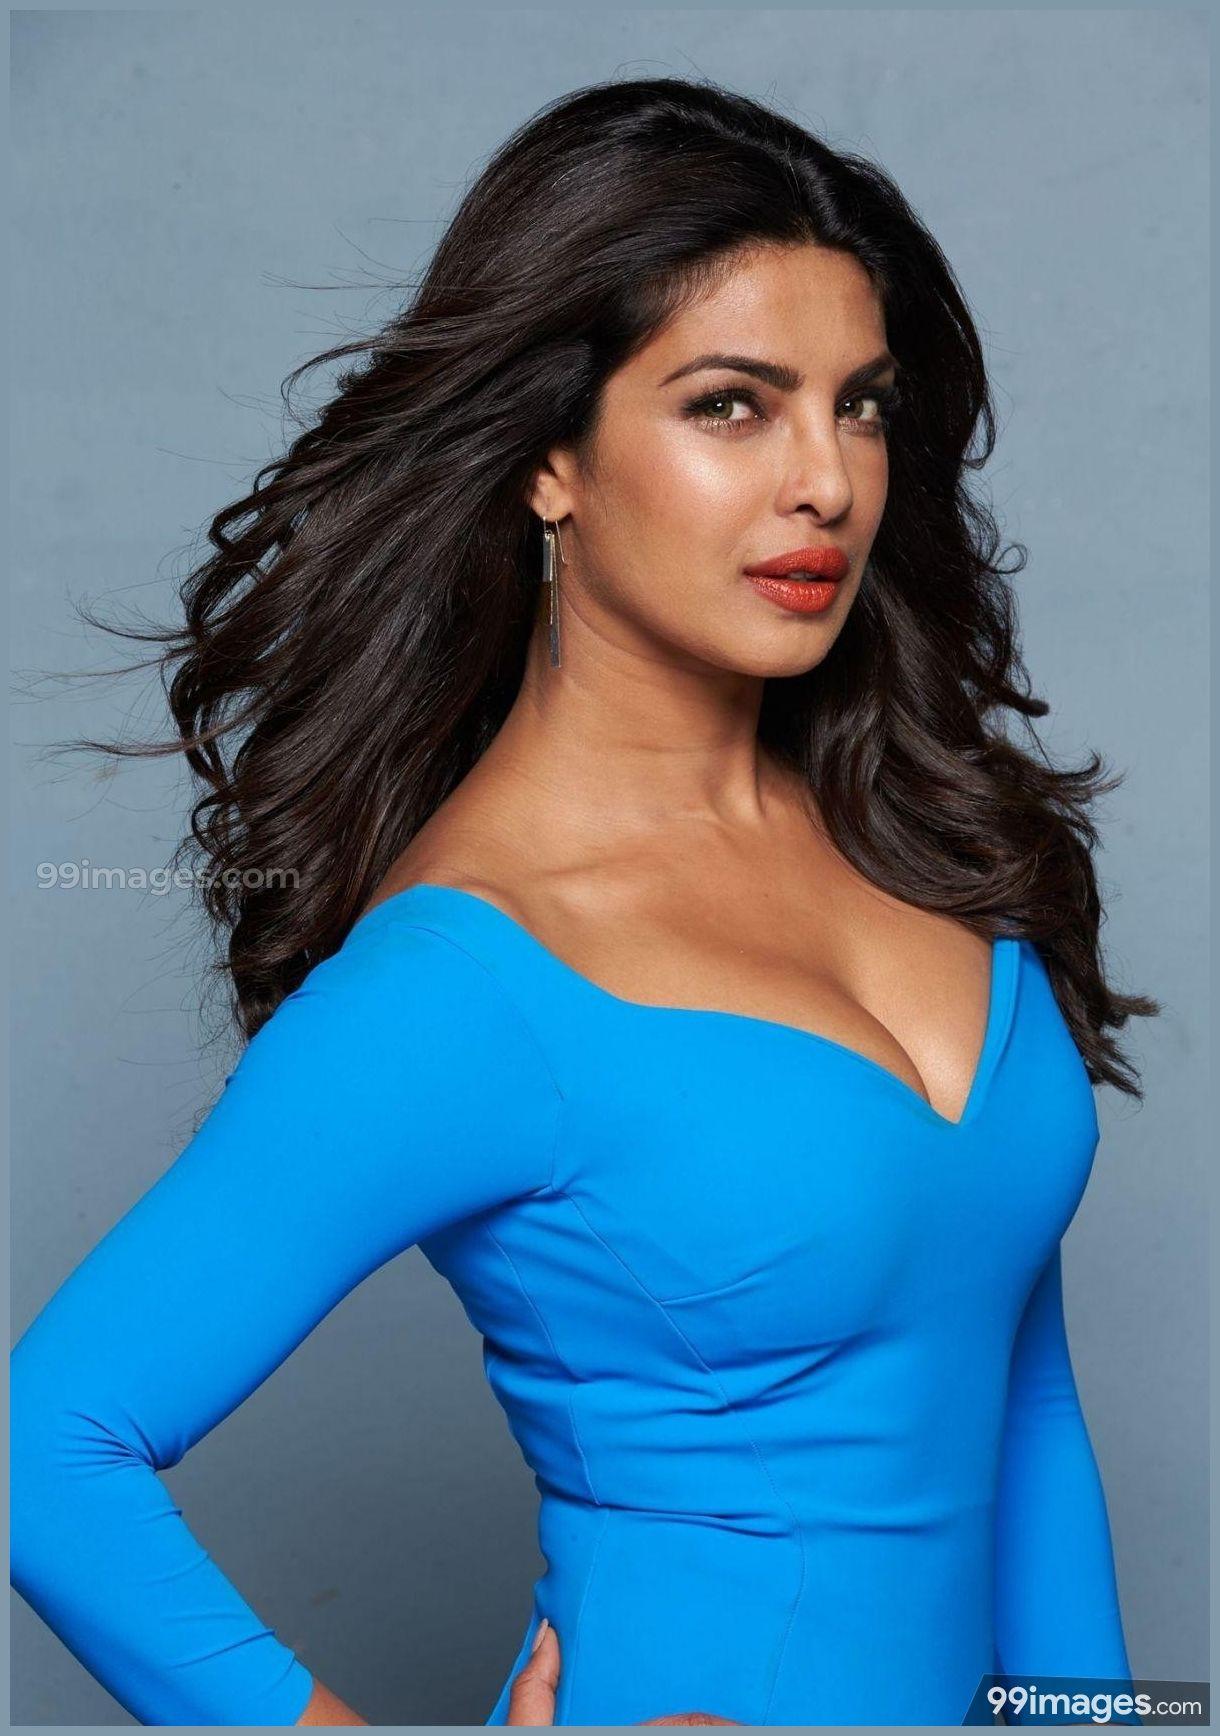 Priyanka Chopra Hot Hd Photos 1080p 6362 Priyankachopra